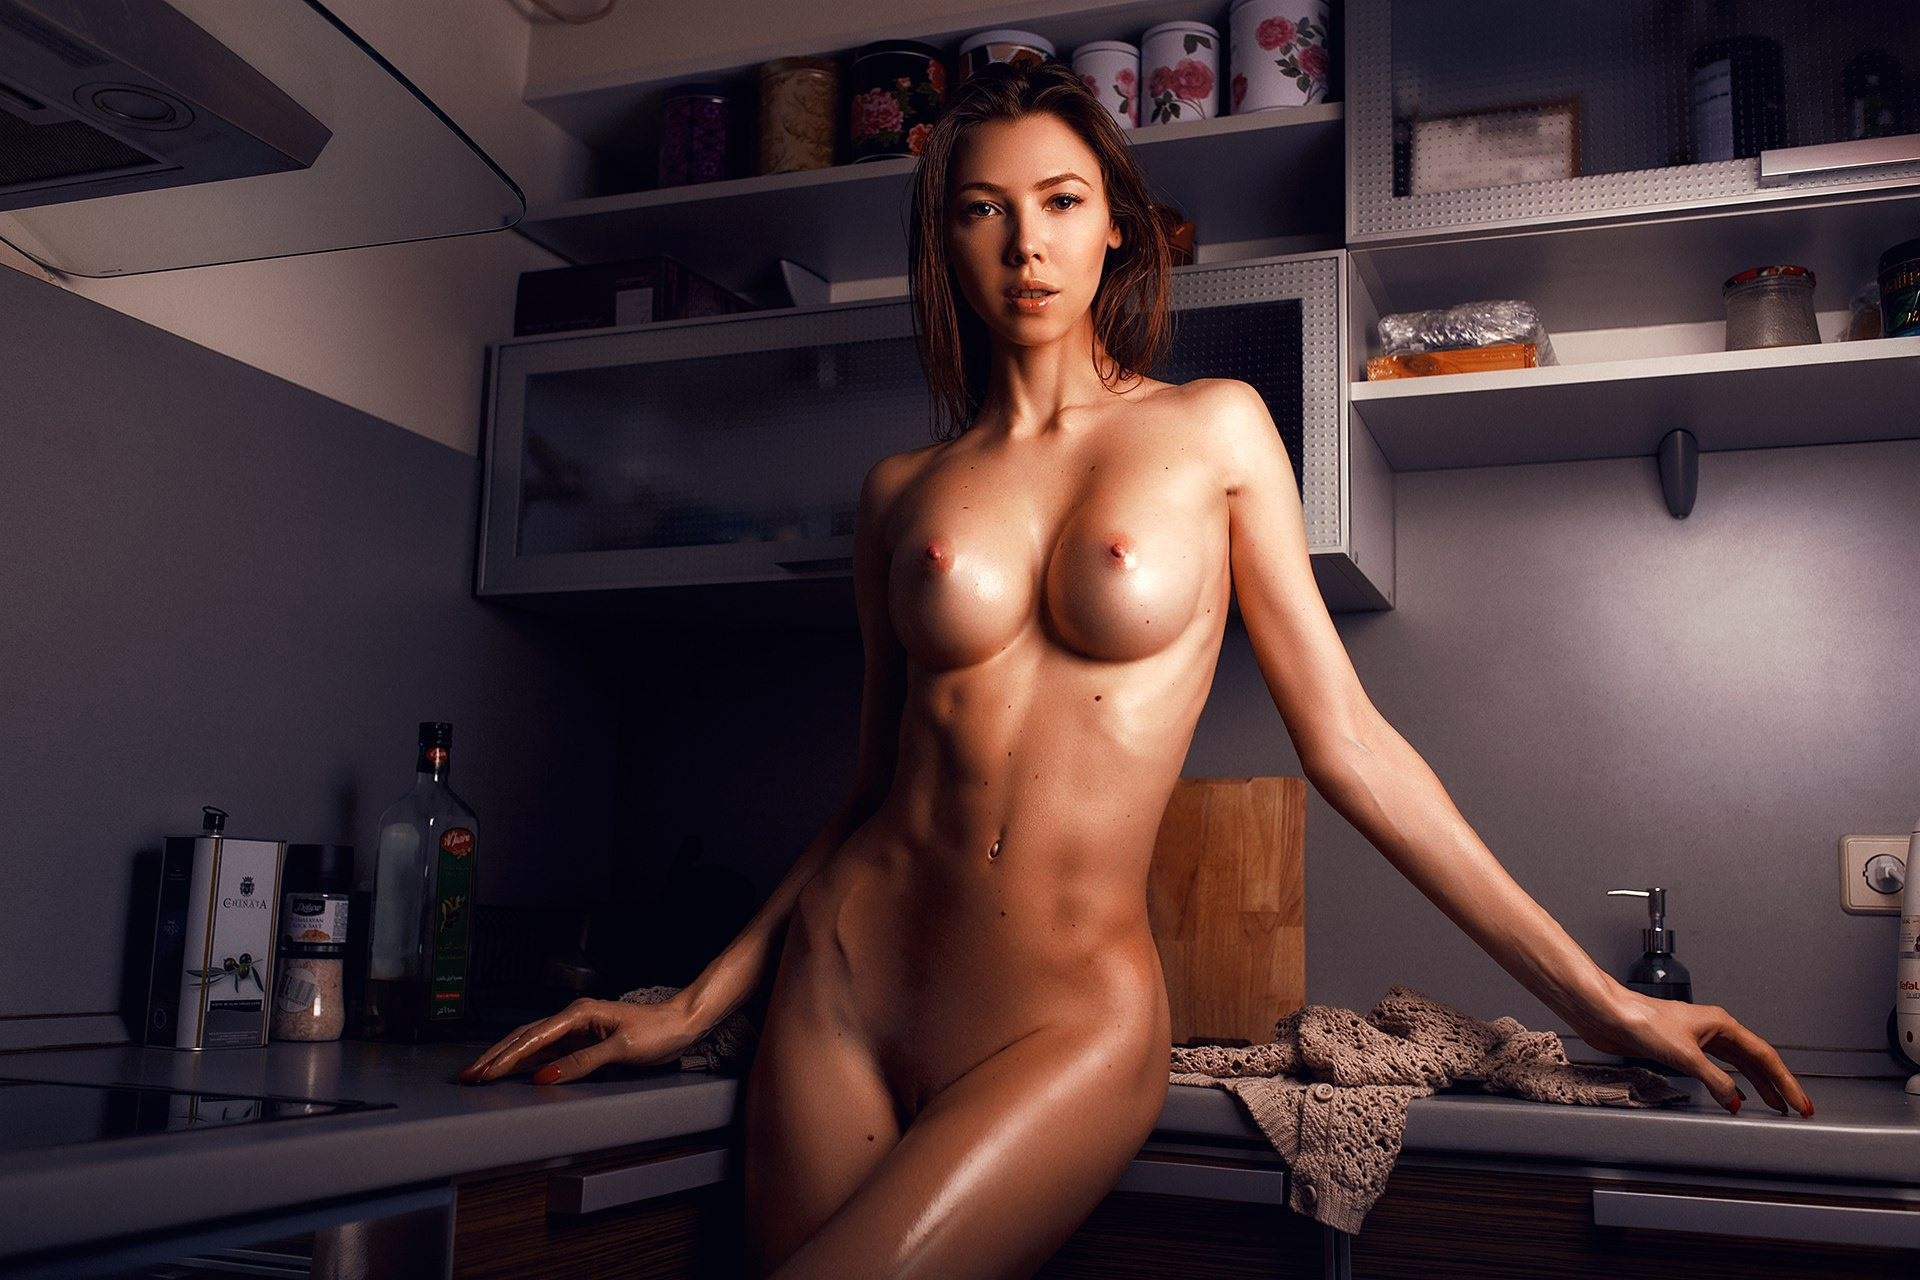 Фото Обнаженная девушка с шикарной фигурой позирует на кухне, упругая грудь, блестящее тело, скачать картинку бесплатно